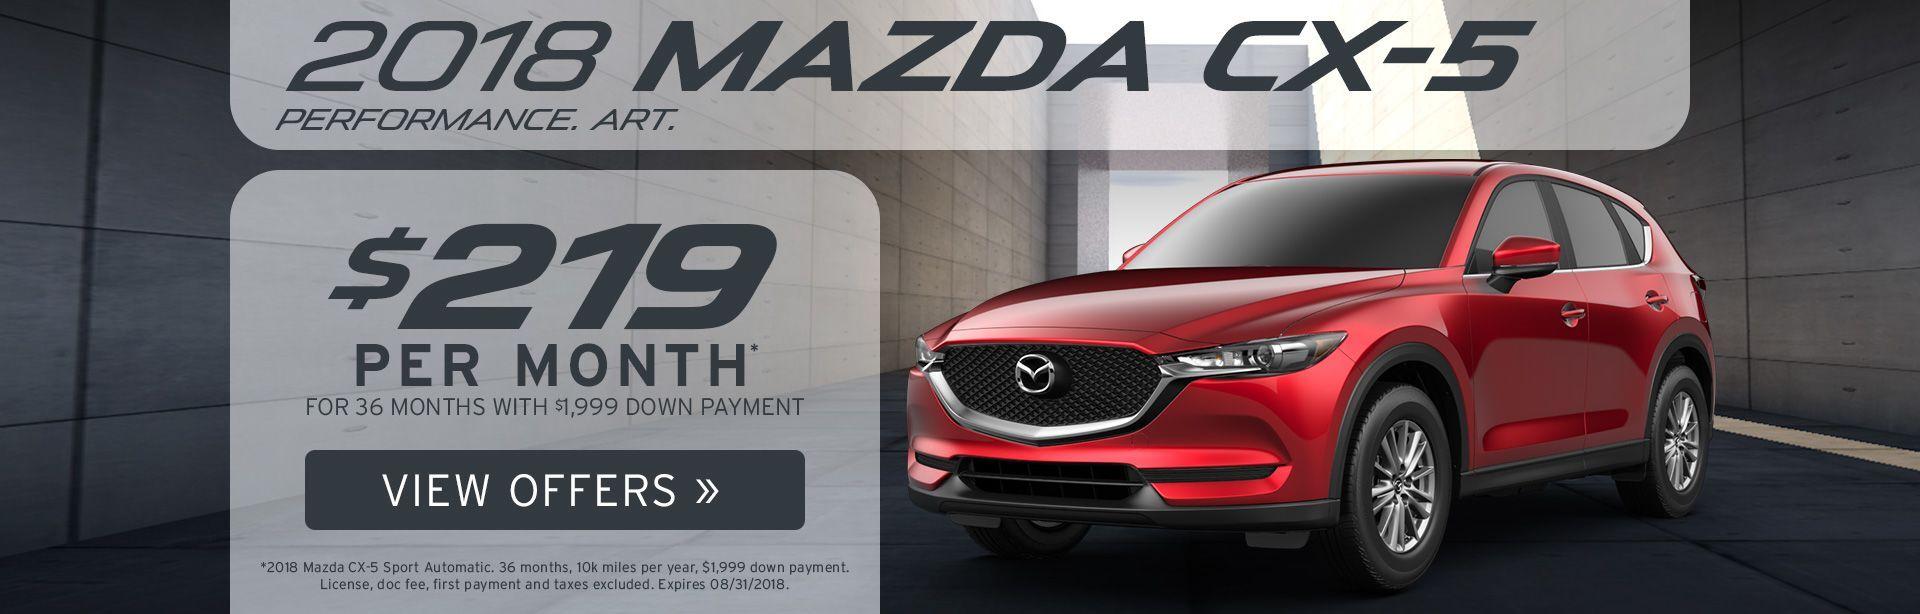 Mazda CX-5 Specials